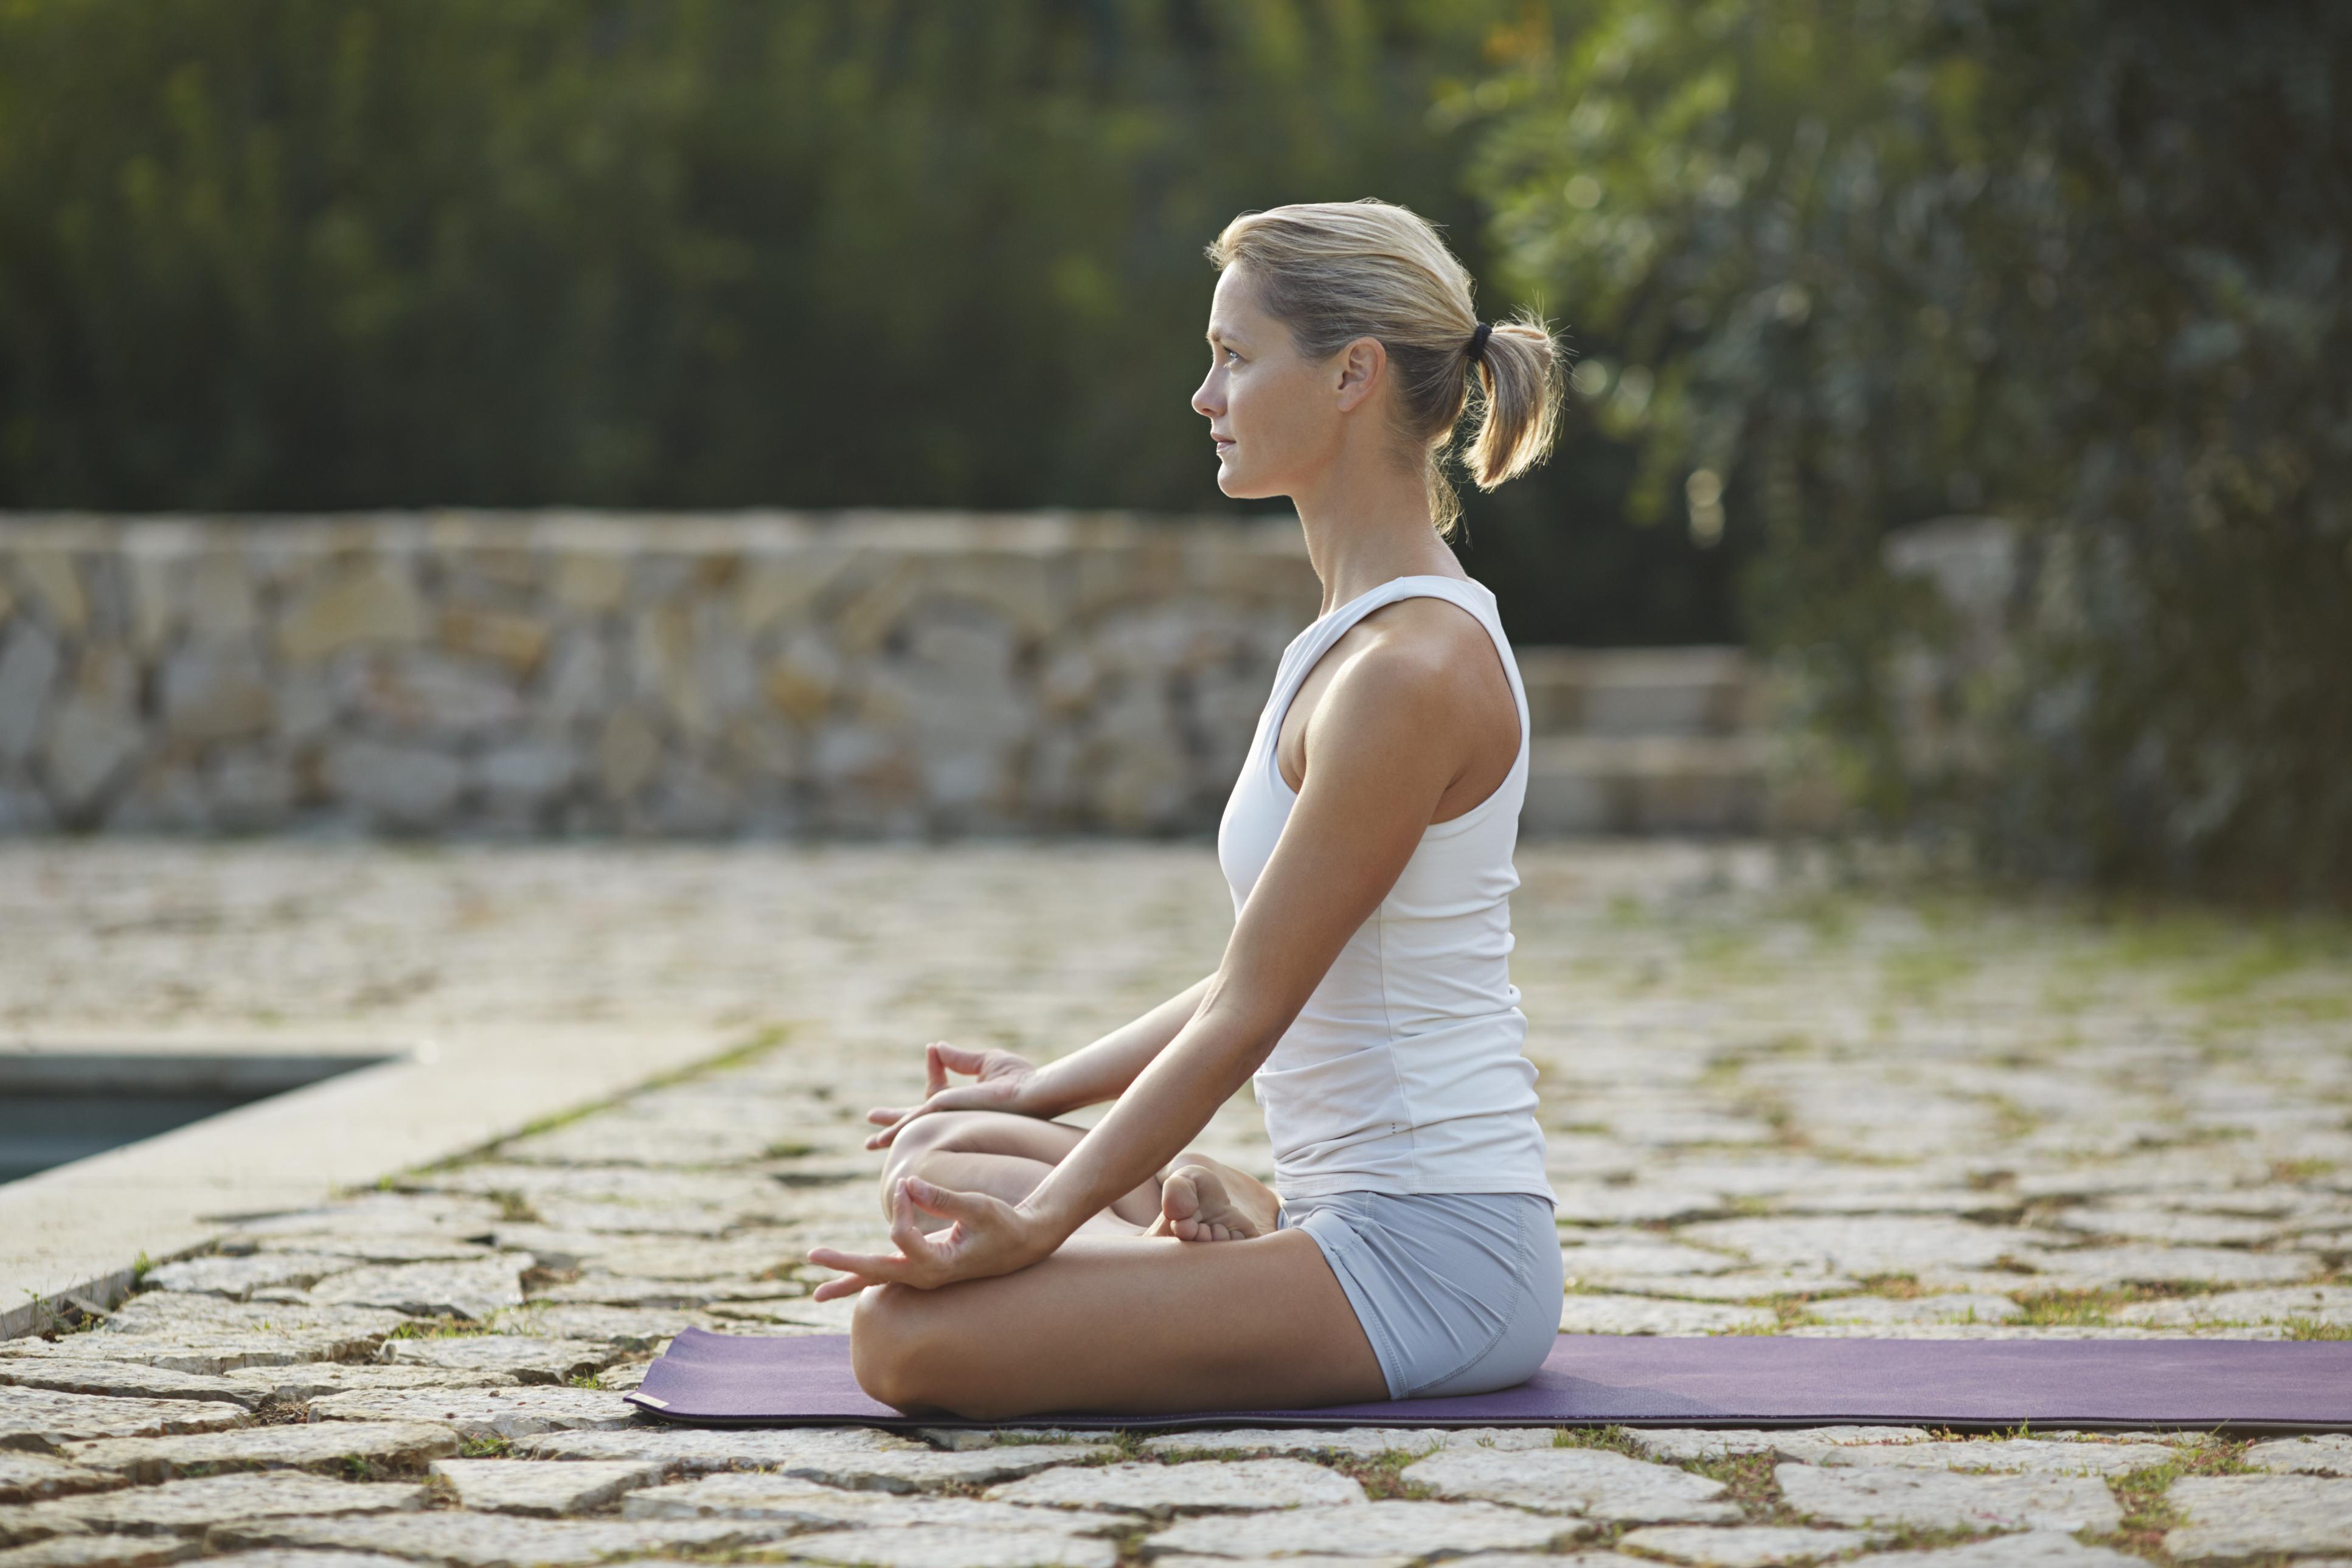 Dhyana (Practice Enlightenment Meditation)